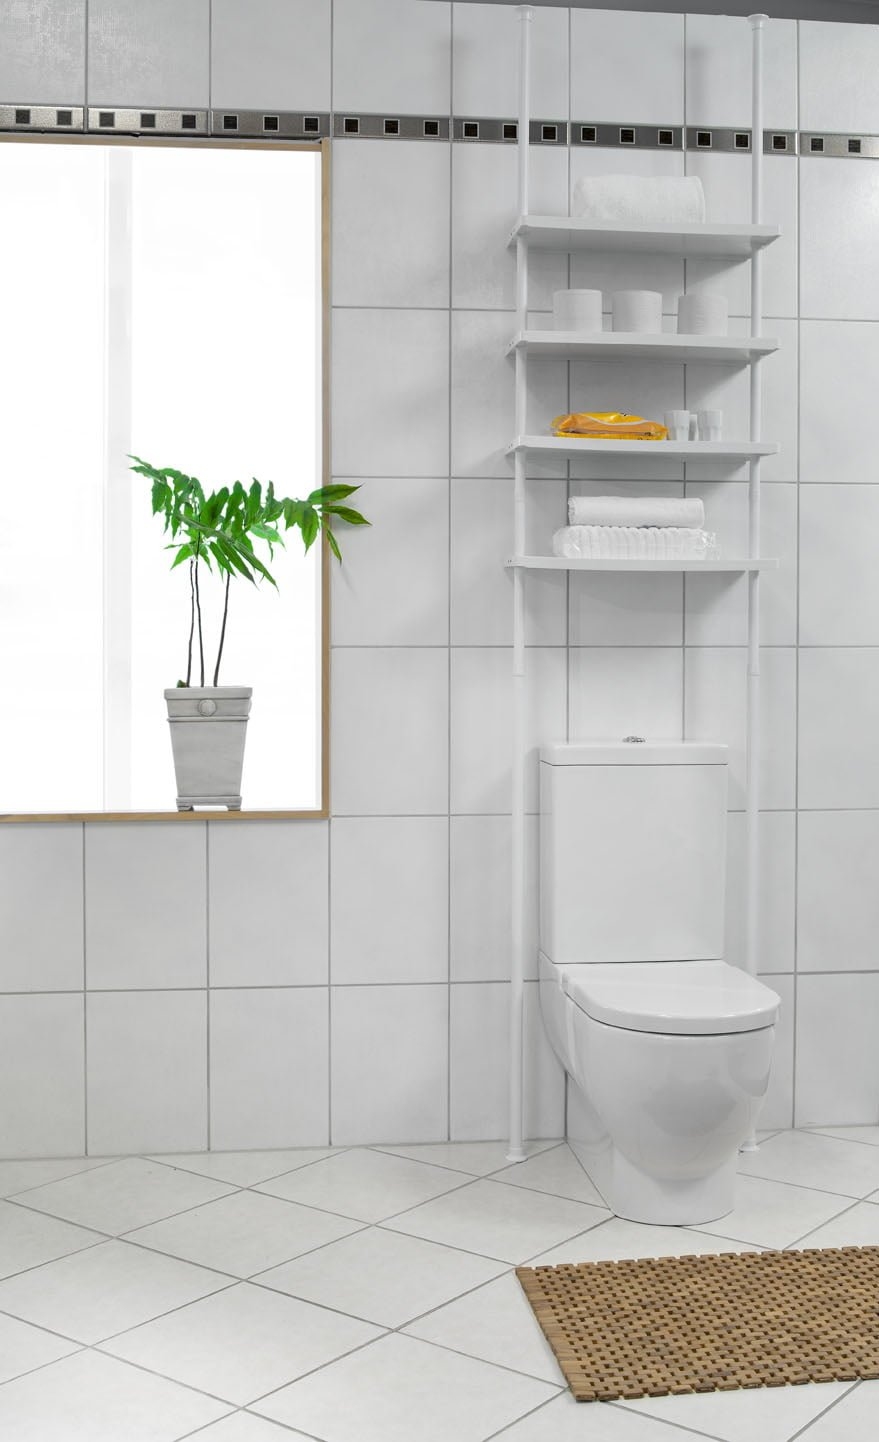 Toaletthylla för dig som har lite plats i badrummet Keep it Smpl u2122